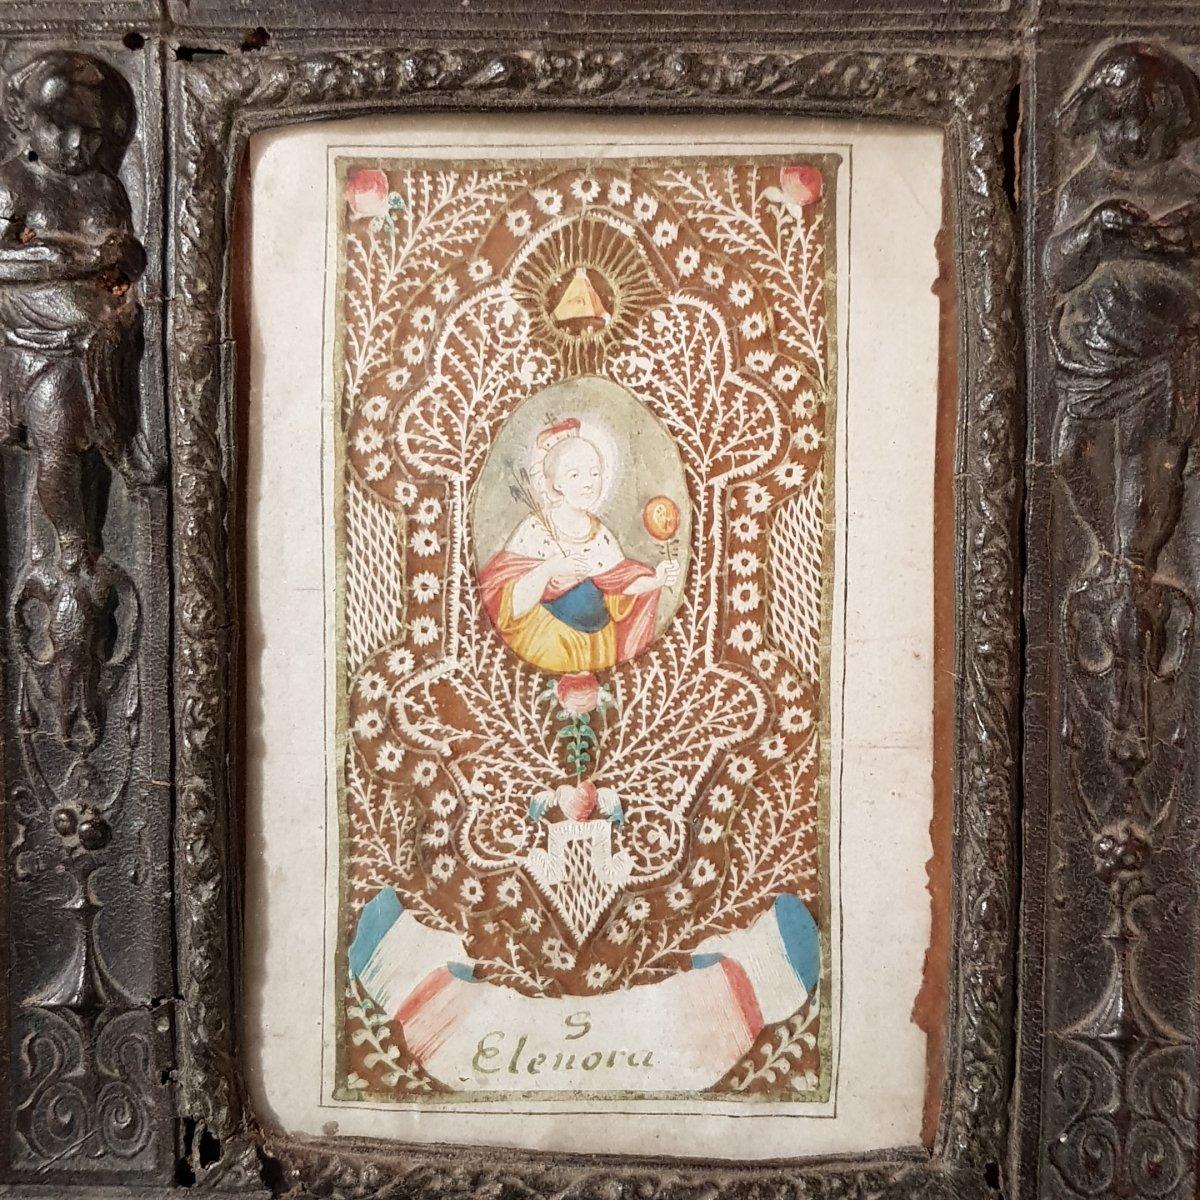 Grand Canivet 18ème Sainte Éléonore Eléonora Dans Son Cadre Néo-Renaissance en Cuir bénitier-photo-4